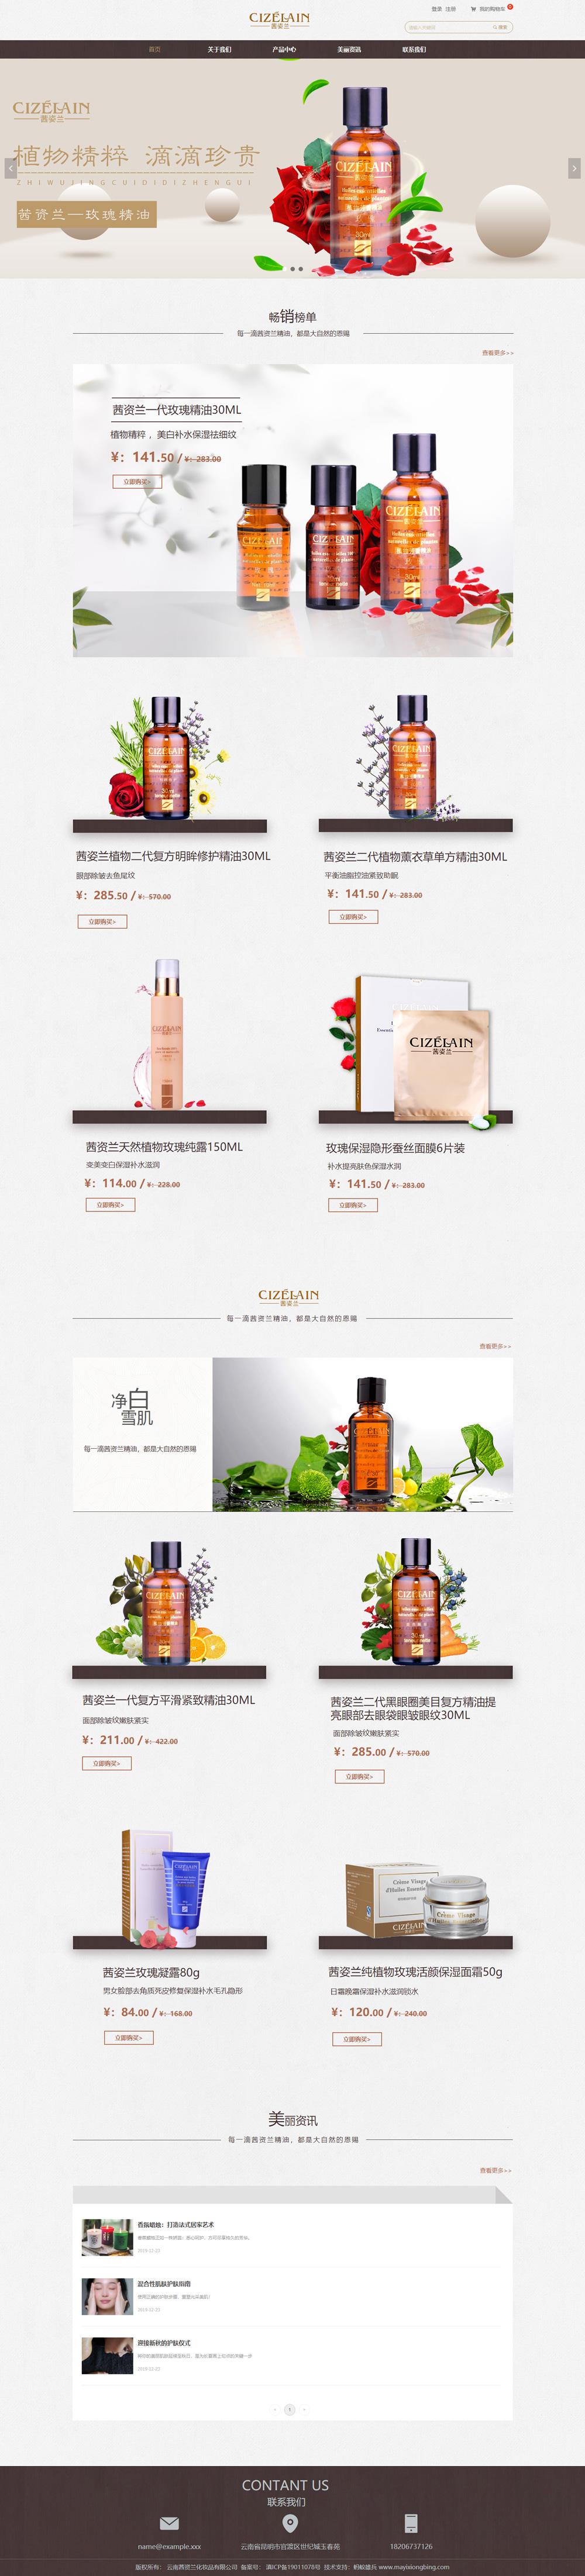 云南茜资兰化妆品网站建设案例